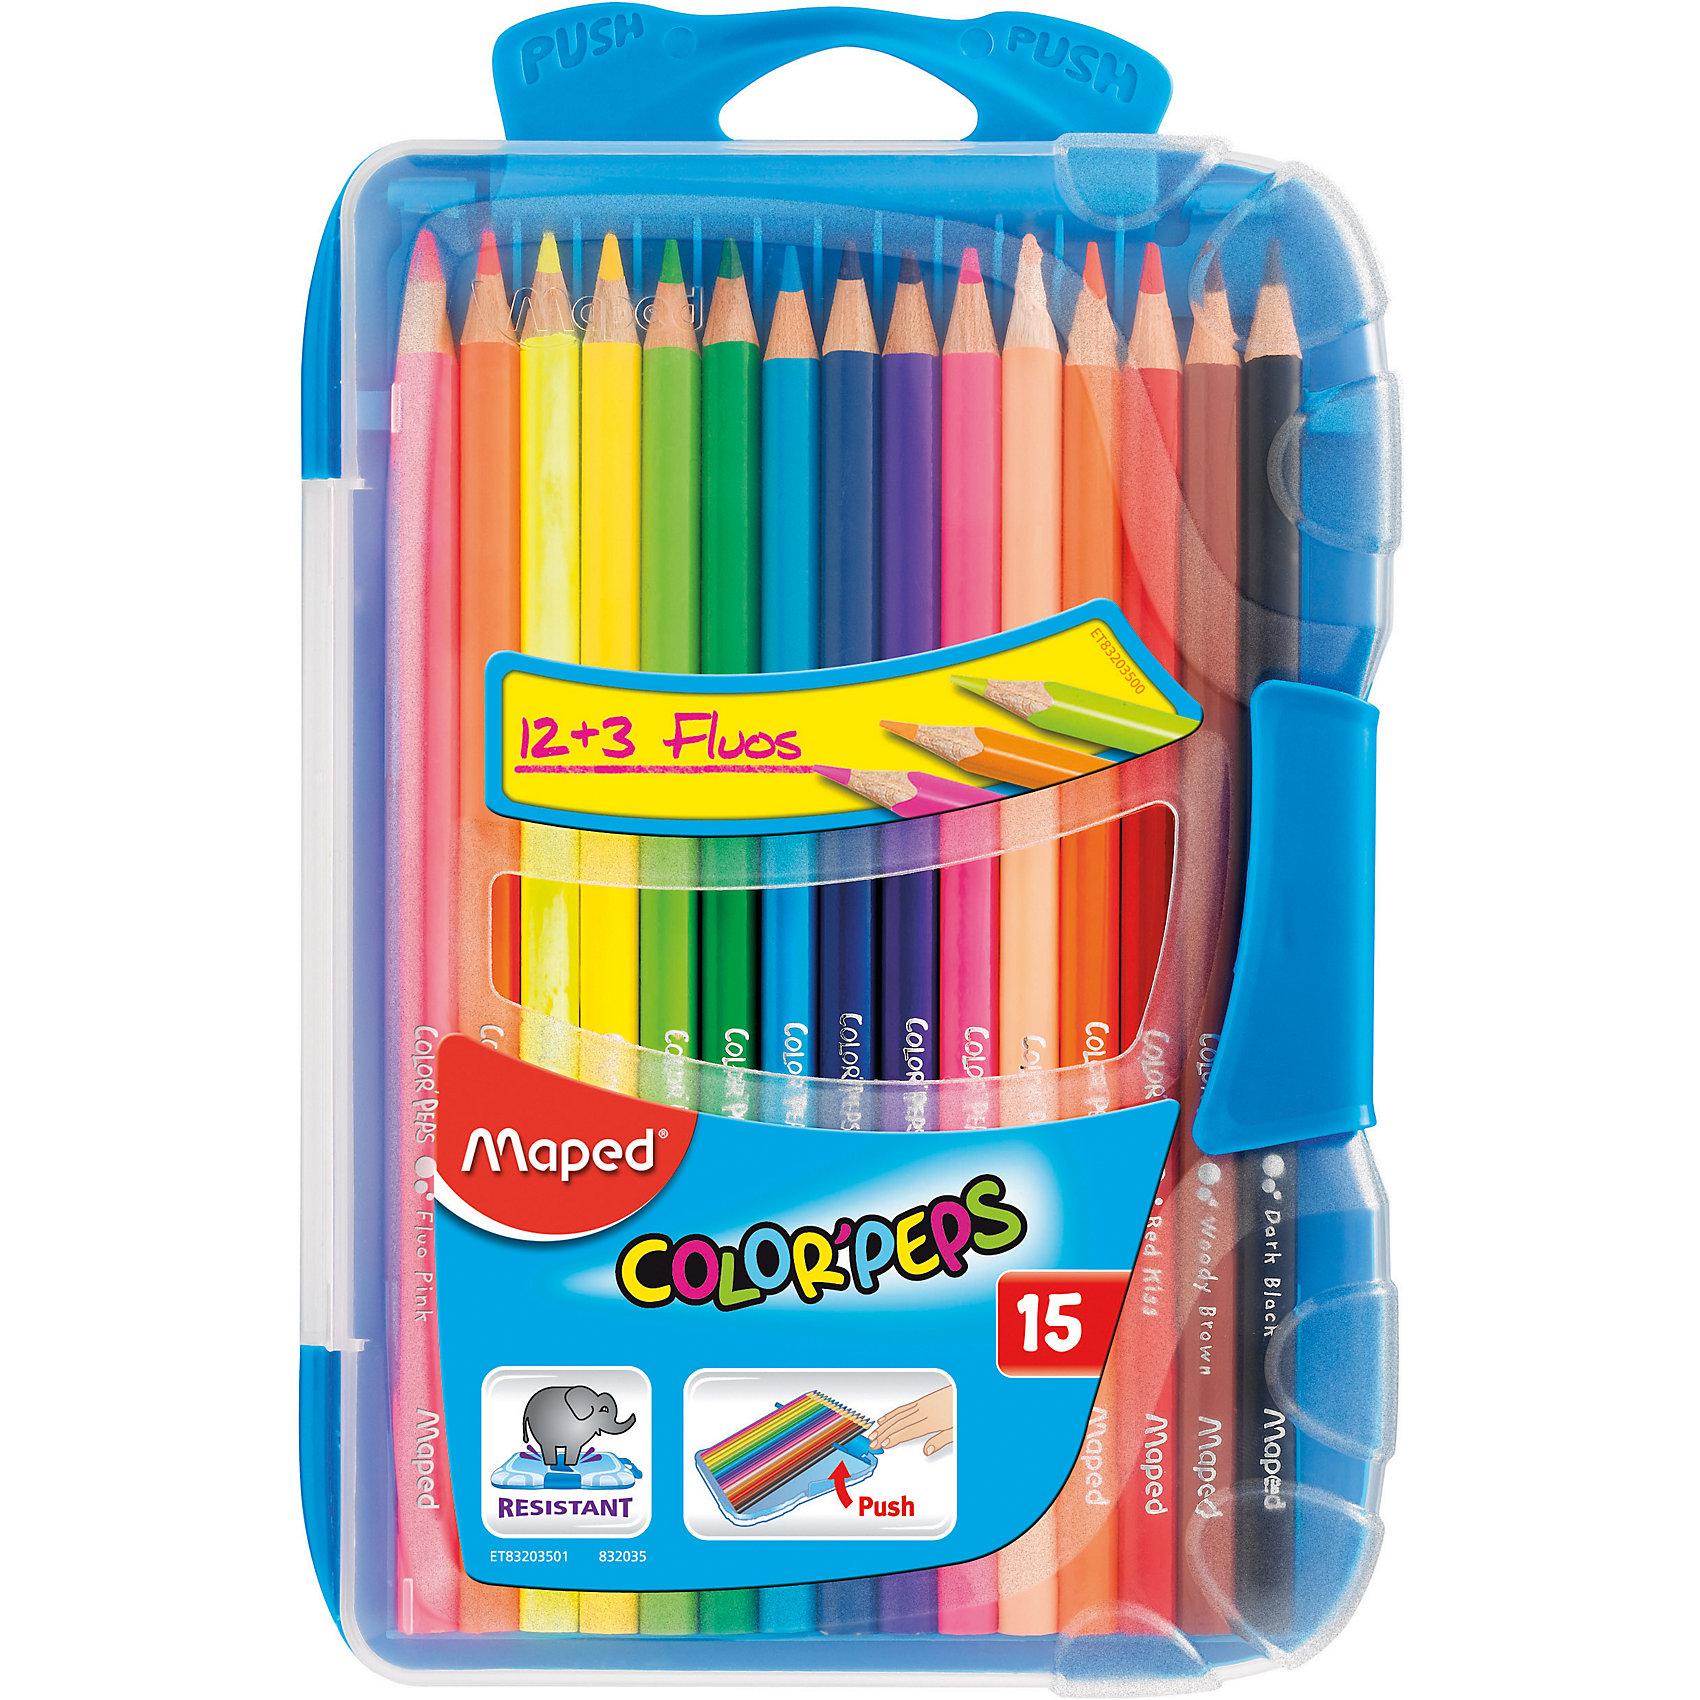 Набор цветных карандашей в пенале КАР COLORPEPS, 15 цв.Рисование<br>Набор цветных карандашей в пенале КАР COLORPEPS, 15 цв. от марки Maped<br><br>Эти карандаши созданы компанией Maped для комфортного и легкого рисования. Легко затачиваются, при этом грифель очень устойчив к поломкам. Цвета яркие, линия мягкая и однородная.<br>Грифель - из высококачественного материала. В наборе - 15 карандашей разных цветов (плюс - три флюоресцентных). Они отлично лежат в руке благодаря удобной форме и качественному покрытию. Действительно удобный инструмент для рисования. Созданы для ярких картин! Безопасны для детей. Также в набор входит пластиковый удобный пенал.<br>Особенности данной модели:<br><br>материал корпуса: дерево;<br>комплектация: 15 цветных карандашей, 3 флюоресцентных;<br>упаковка: пластиковый пенал;<br><br>Набор цветных карандашей в пенале КАР COLORPEPS, 15 цв. от марки Maped можно купить в нашем магазине.<br><br>Ширина мм: 136<br>Глубина мм: 212<br>Высота мм: 20<br>Вес г: 154<br>Возраст от месяцев: 36<br>Возраст до месяцев: 2147483647<br>Пол: Унисекс<br>Возраст: Детский<br>SKU: 4684746